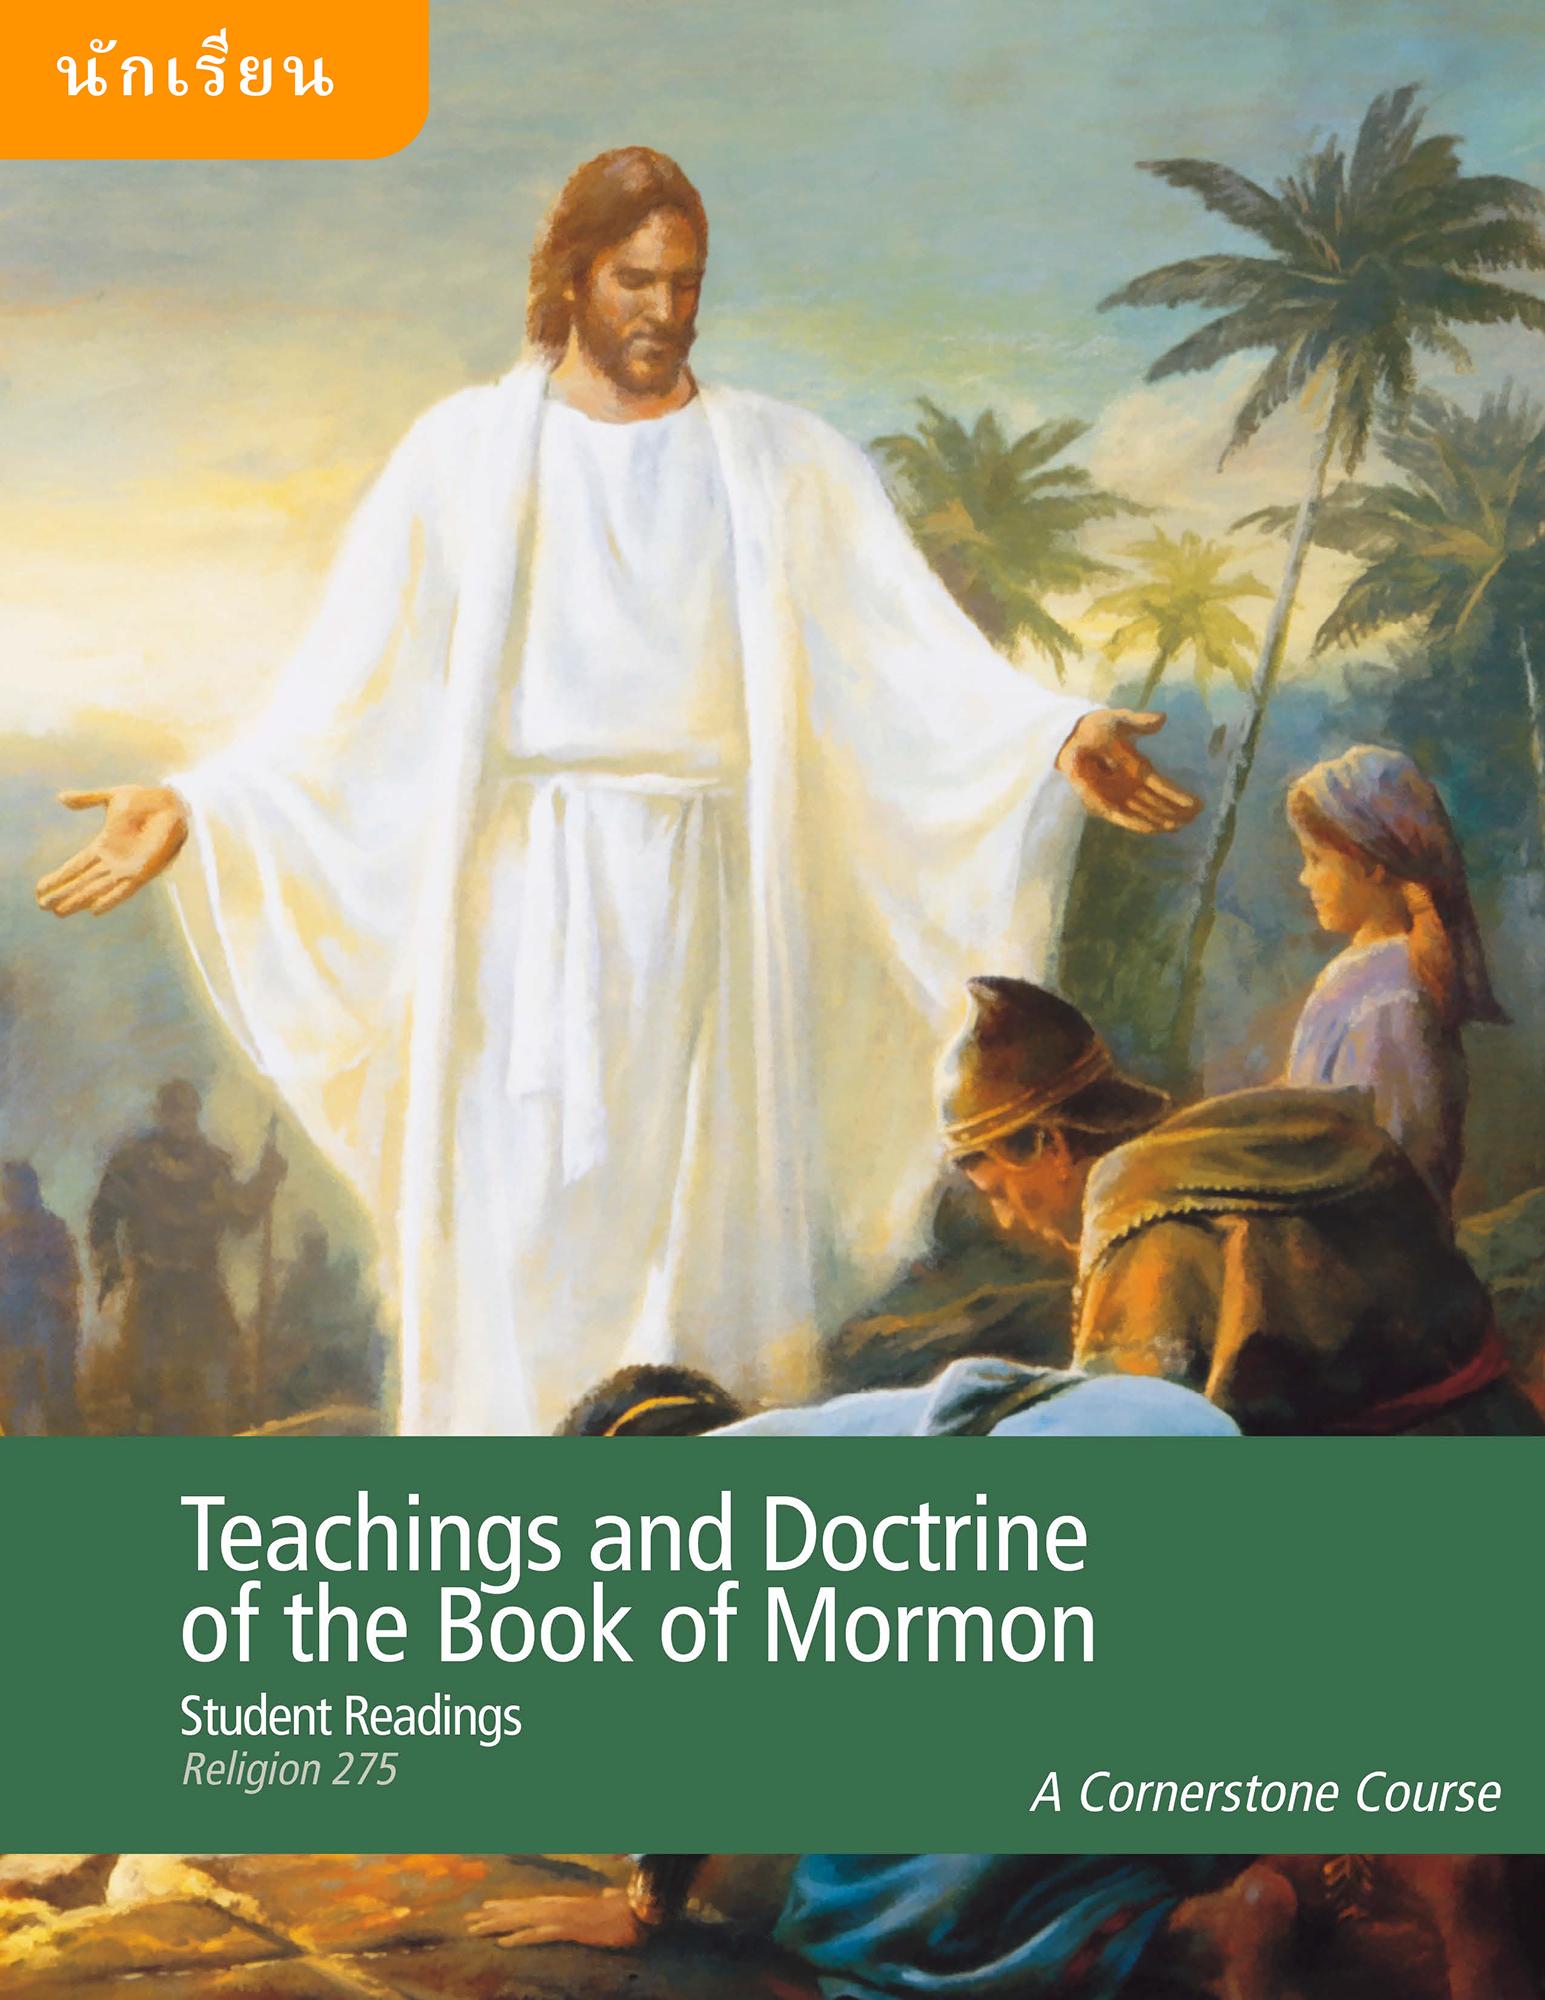 คำสอนและหลักคำสอนของพระคัมภีร์มอรมอน สิ่งที่นักเรียนควรอ่าน (ศาสนา 275)